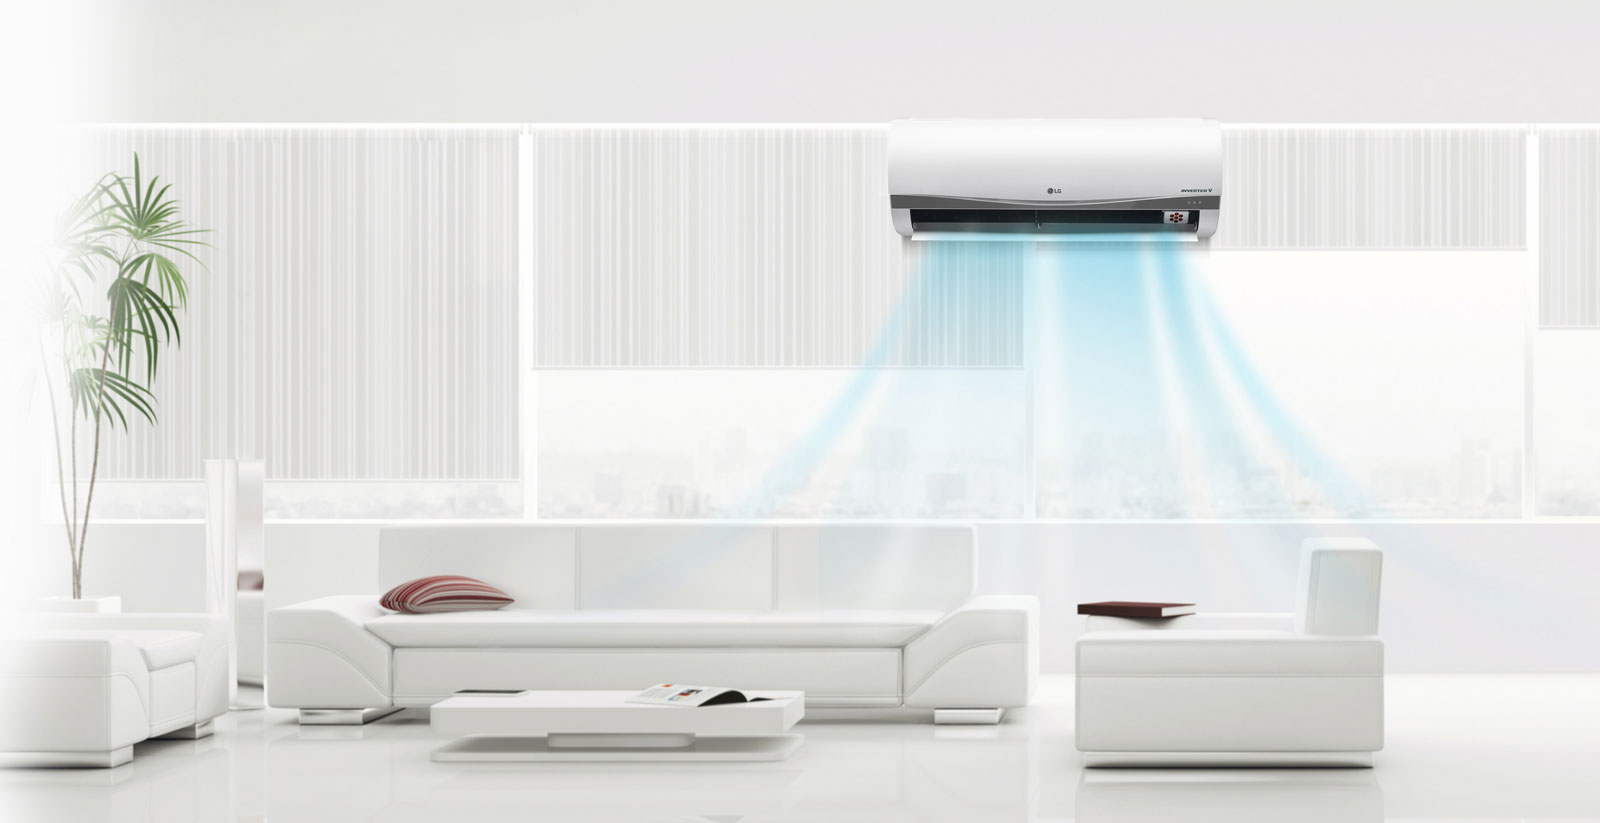 Comfort - گرمایش و سرمایش در طراحی داخلی